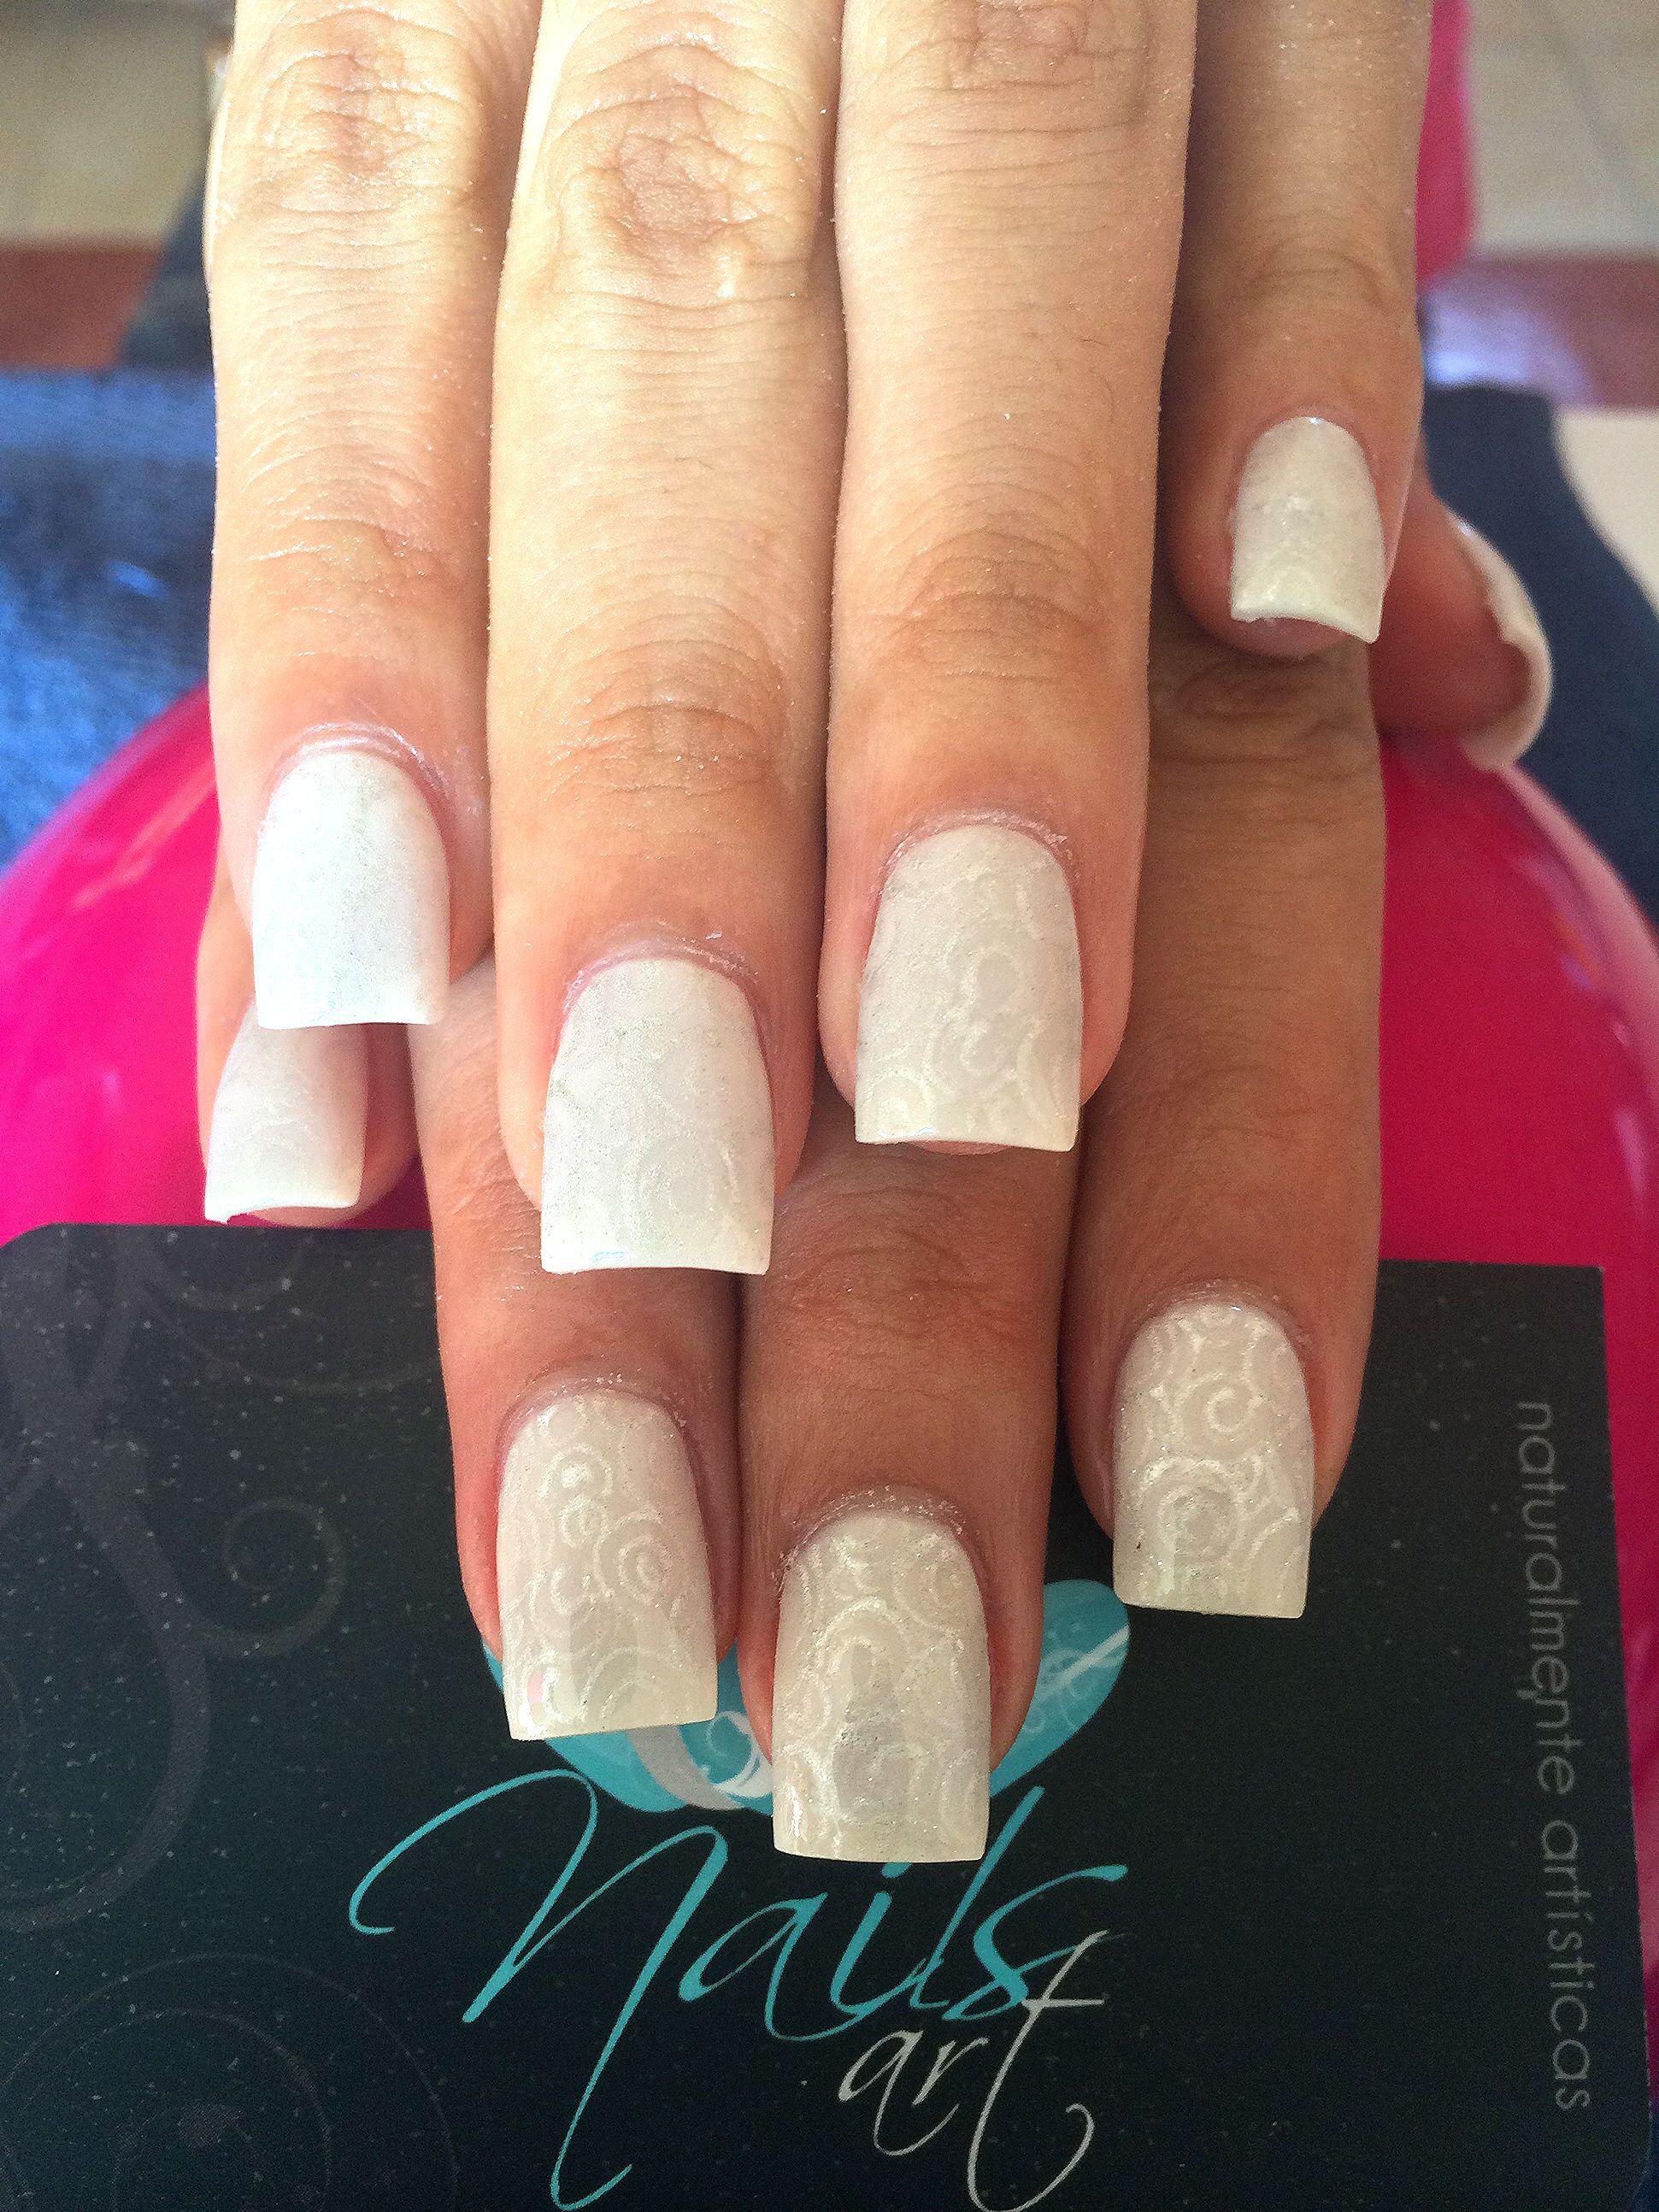 Acrylic nails, nails art, nails, wedding nails | Nails | Pinterest ...